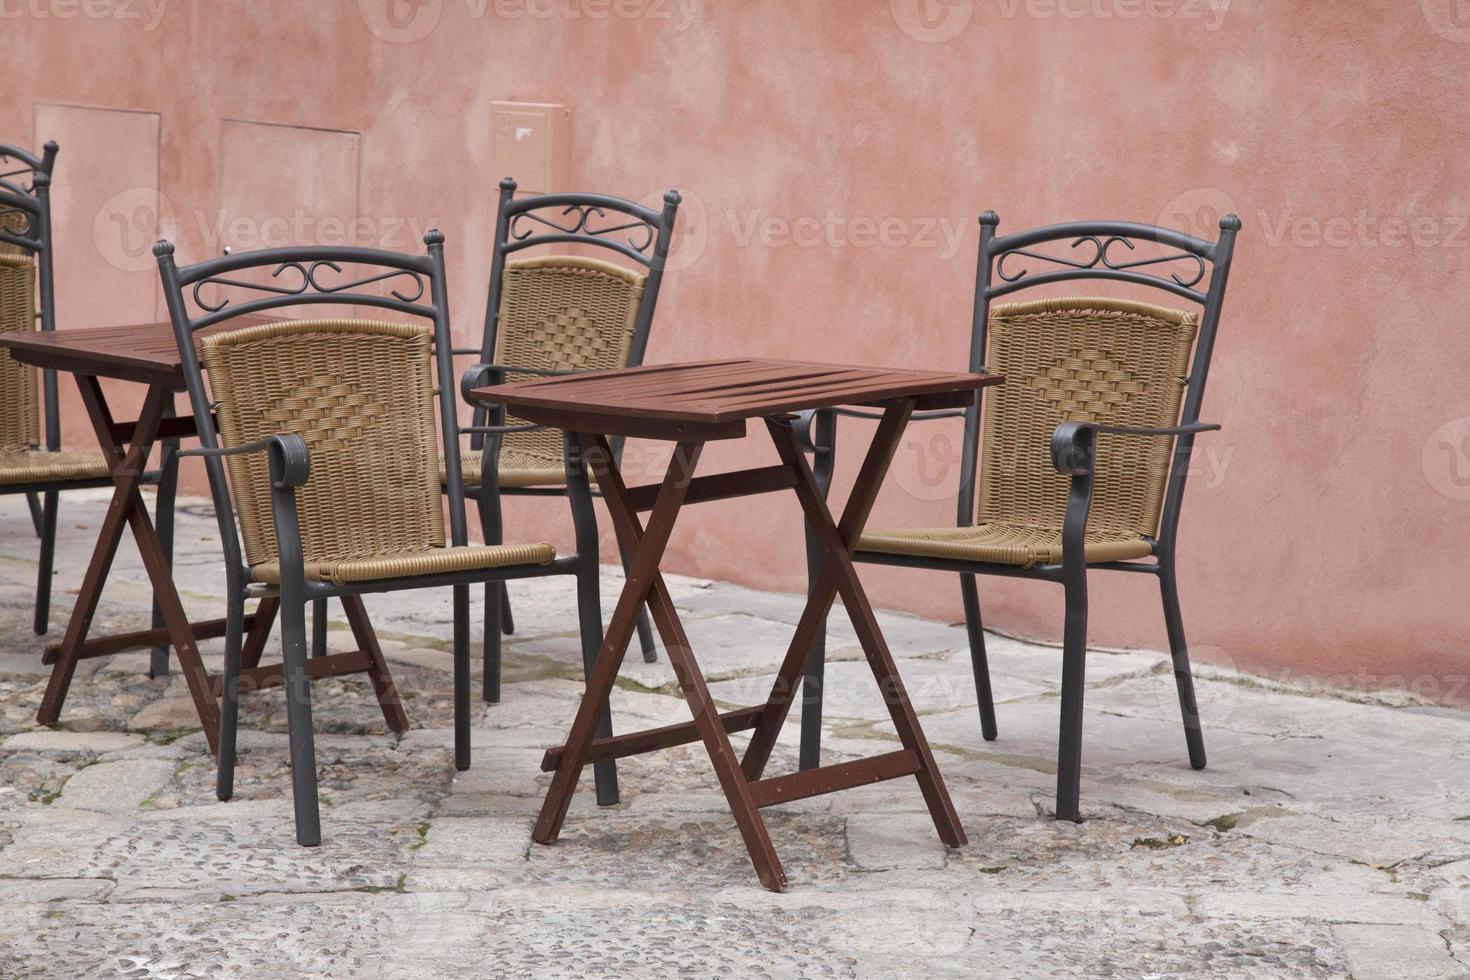 tavoli e sedie da caffè; quartiere di santa cruz; siviglia foto